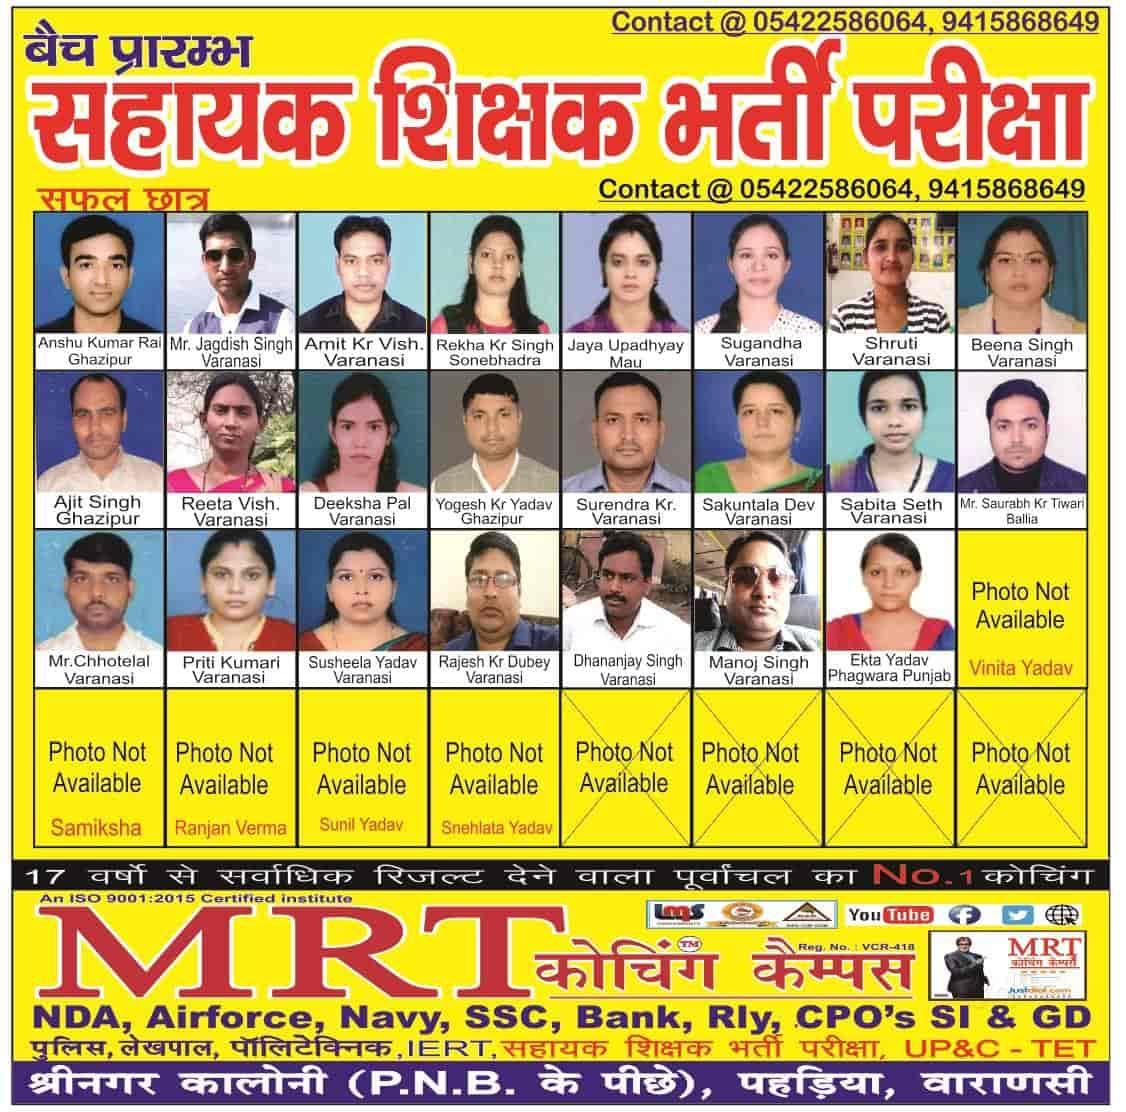 MRT Coaching Campus, Pahariya - Competitive Exam Tutorials in